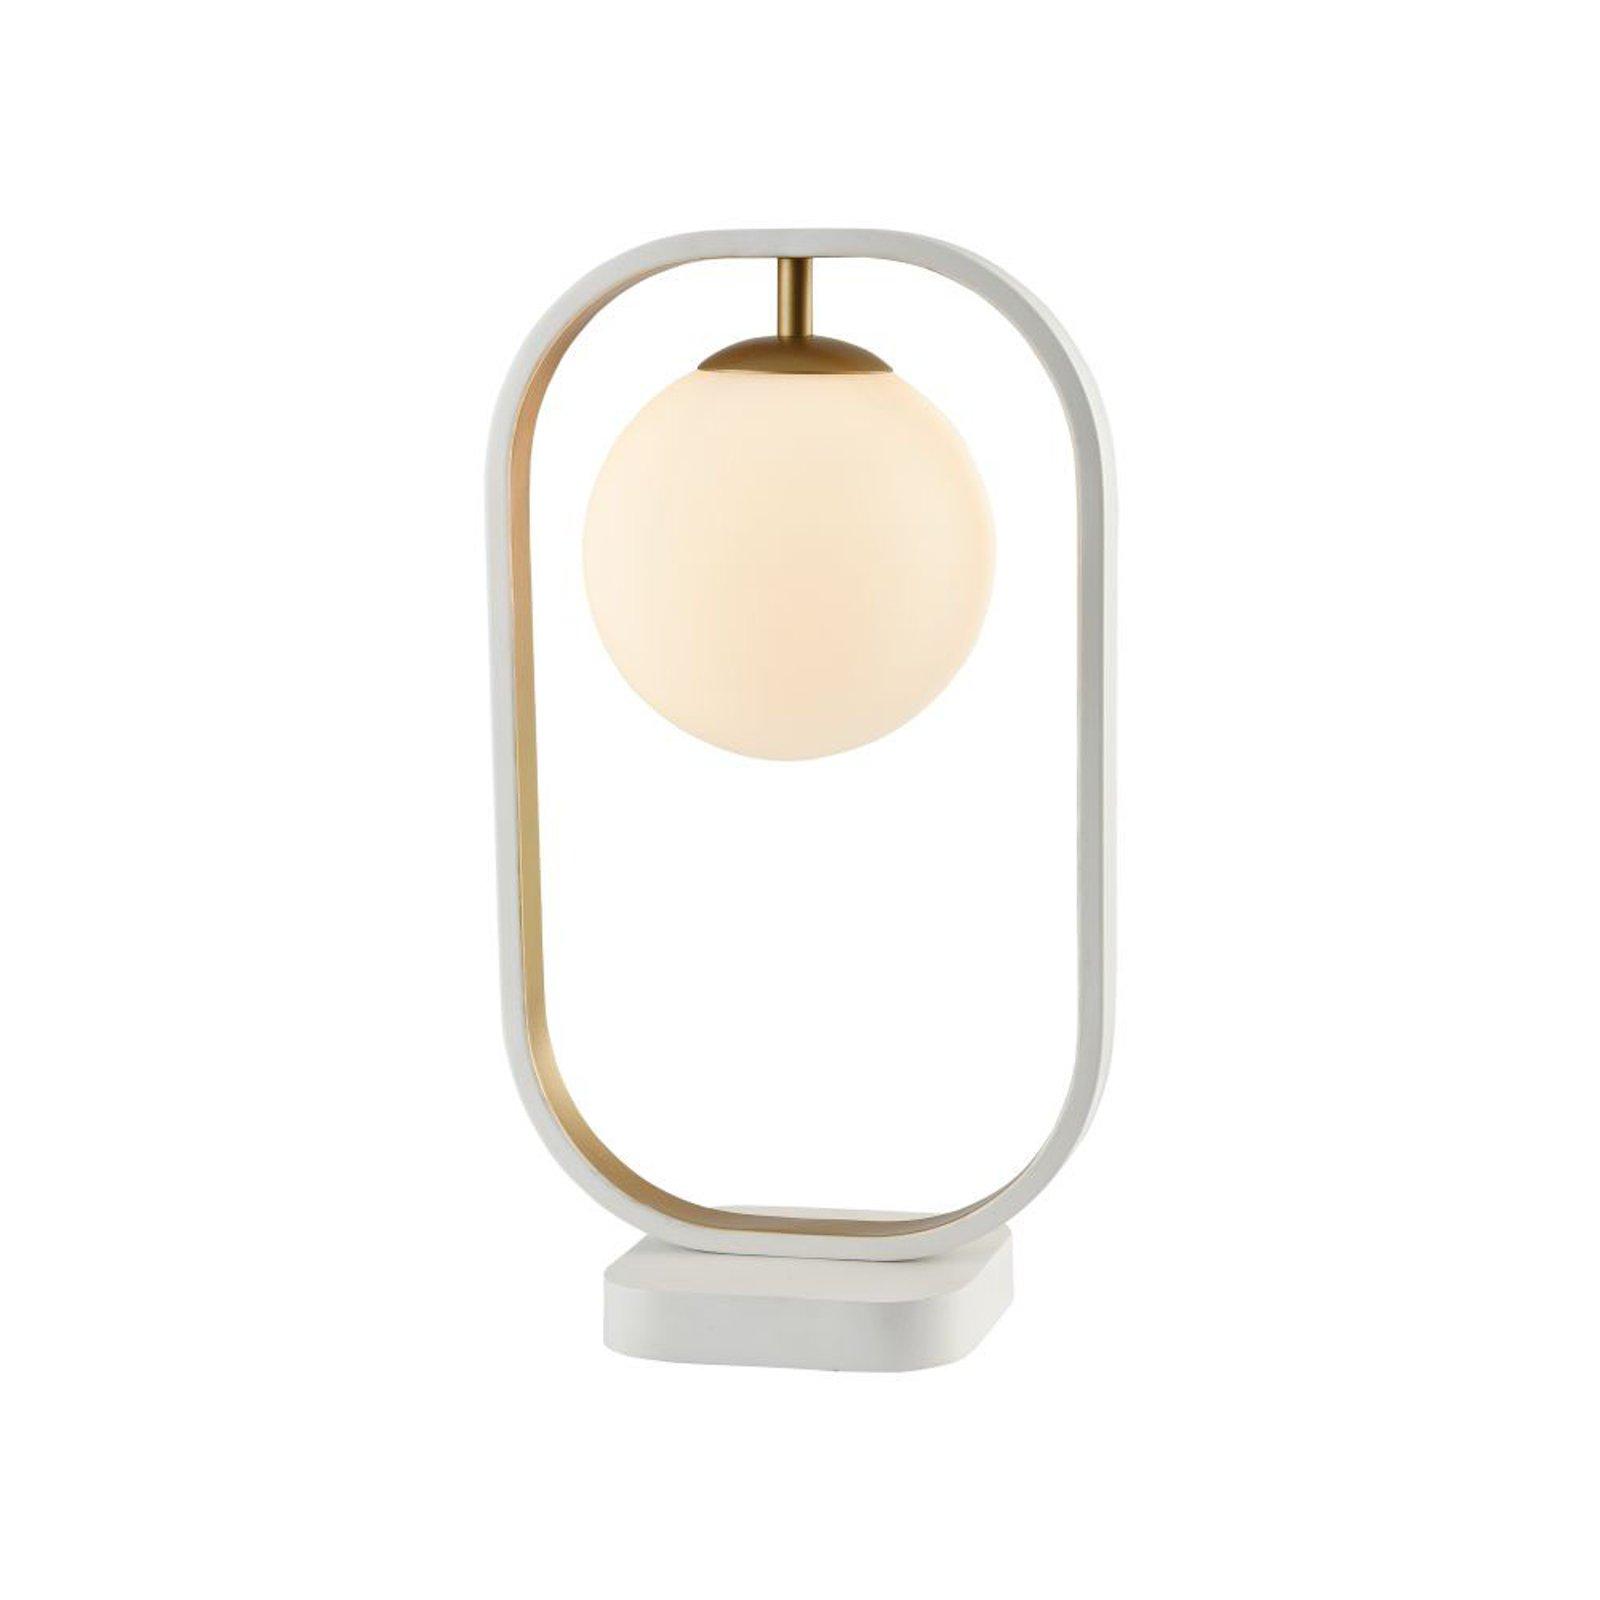 Avola bordlampa med kuleskjerm av glass